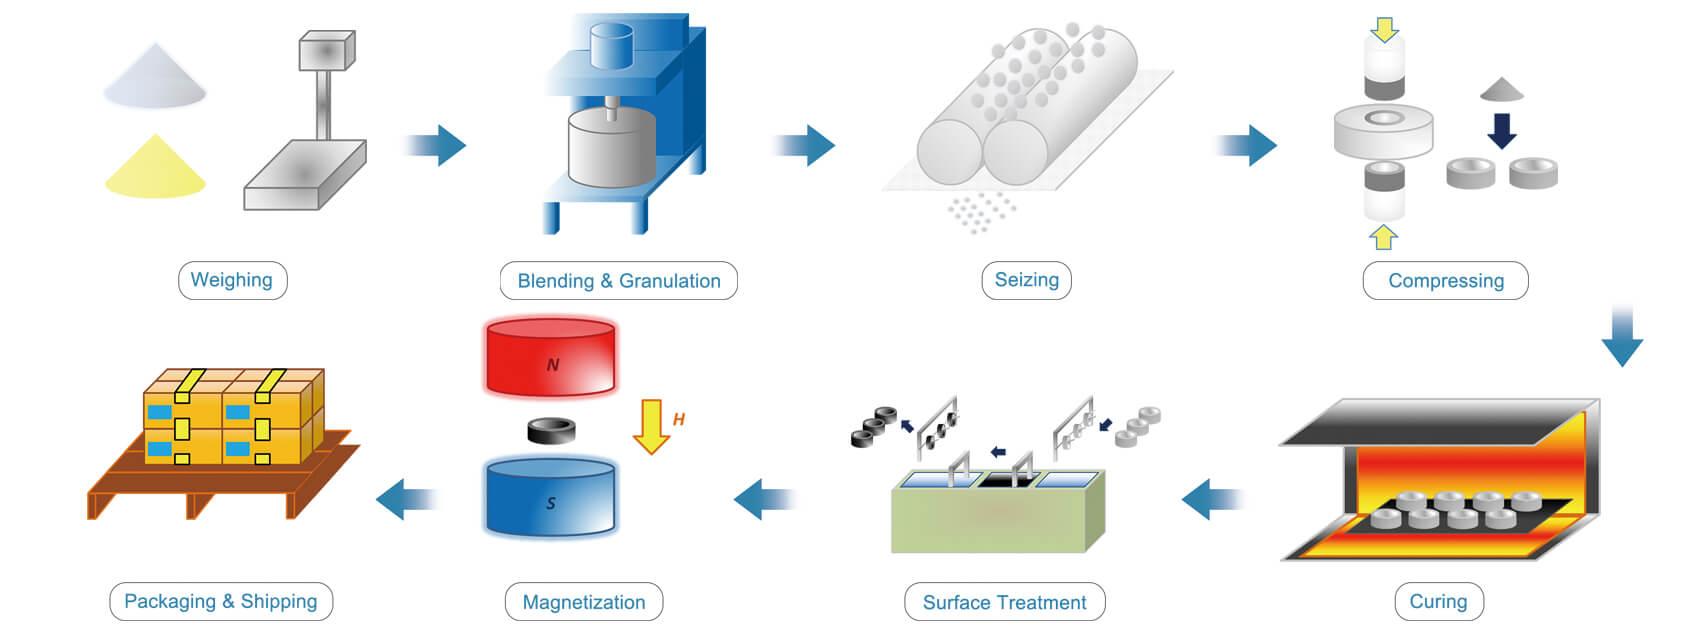 Processo de ímãs moldados por compressão